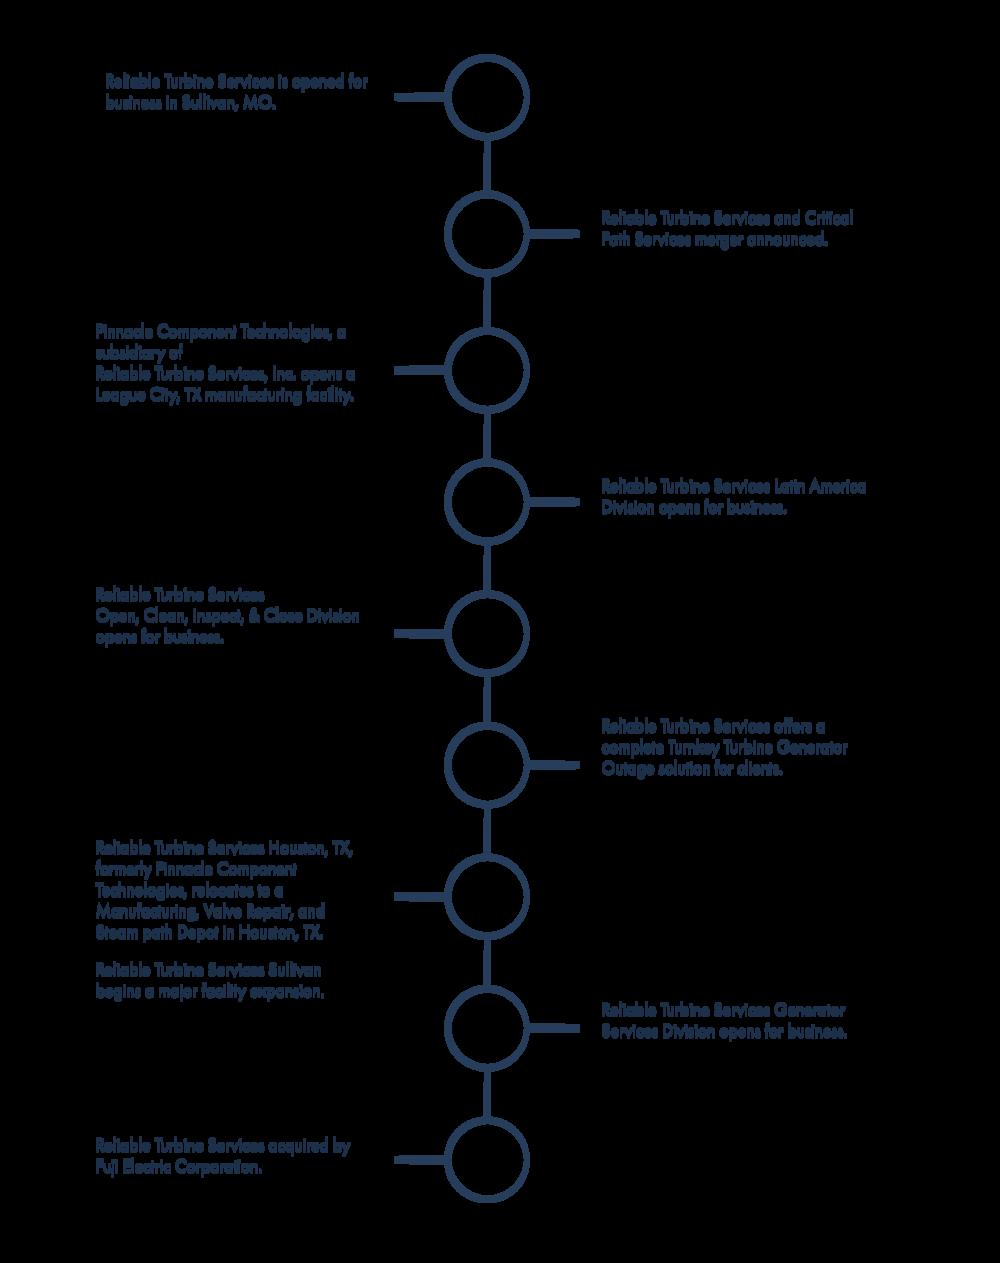 RTS Timeline